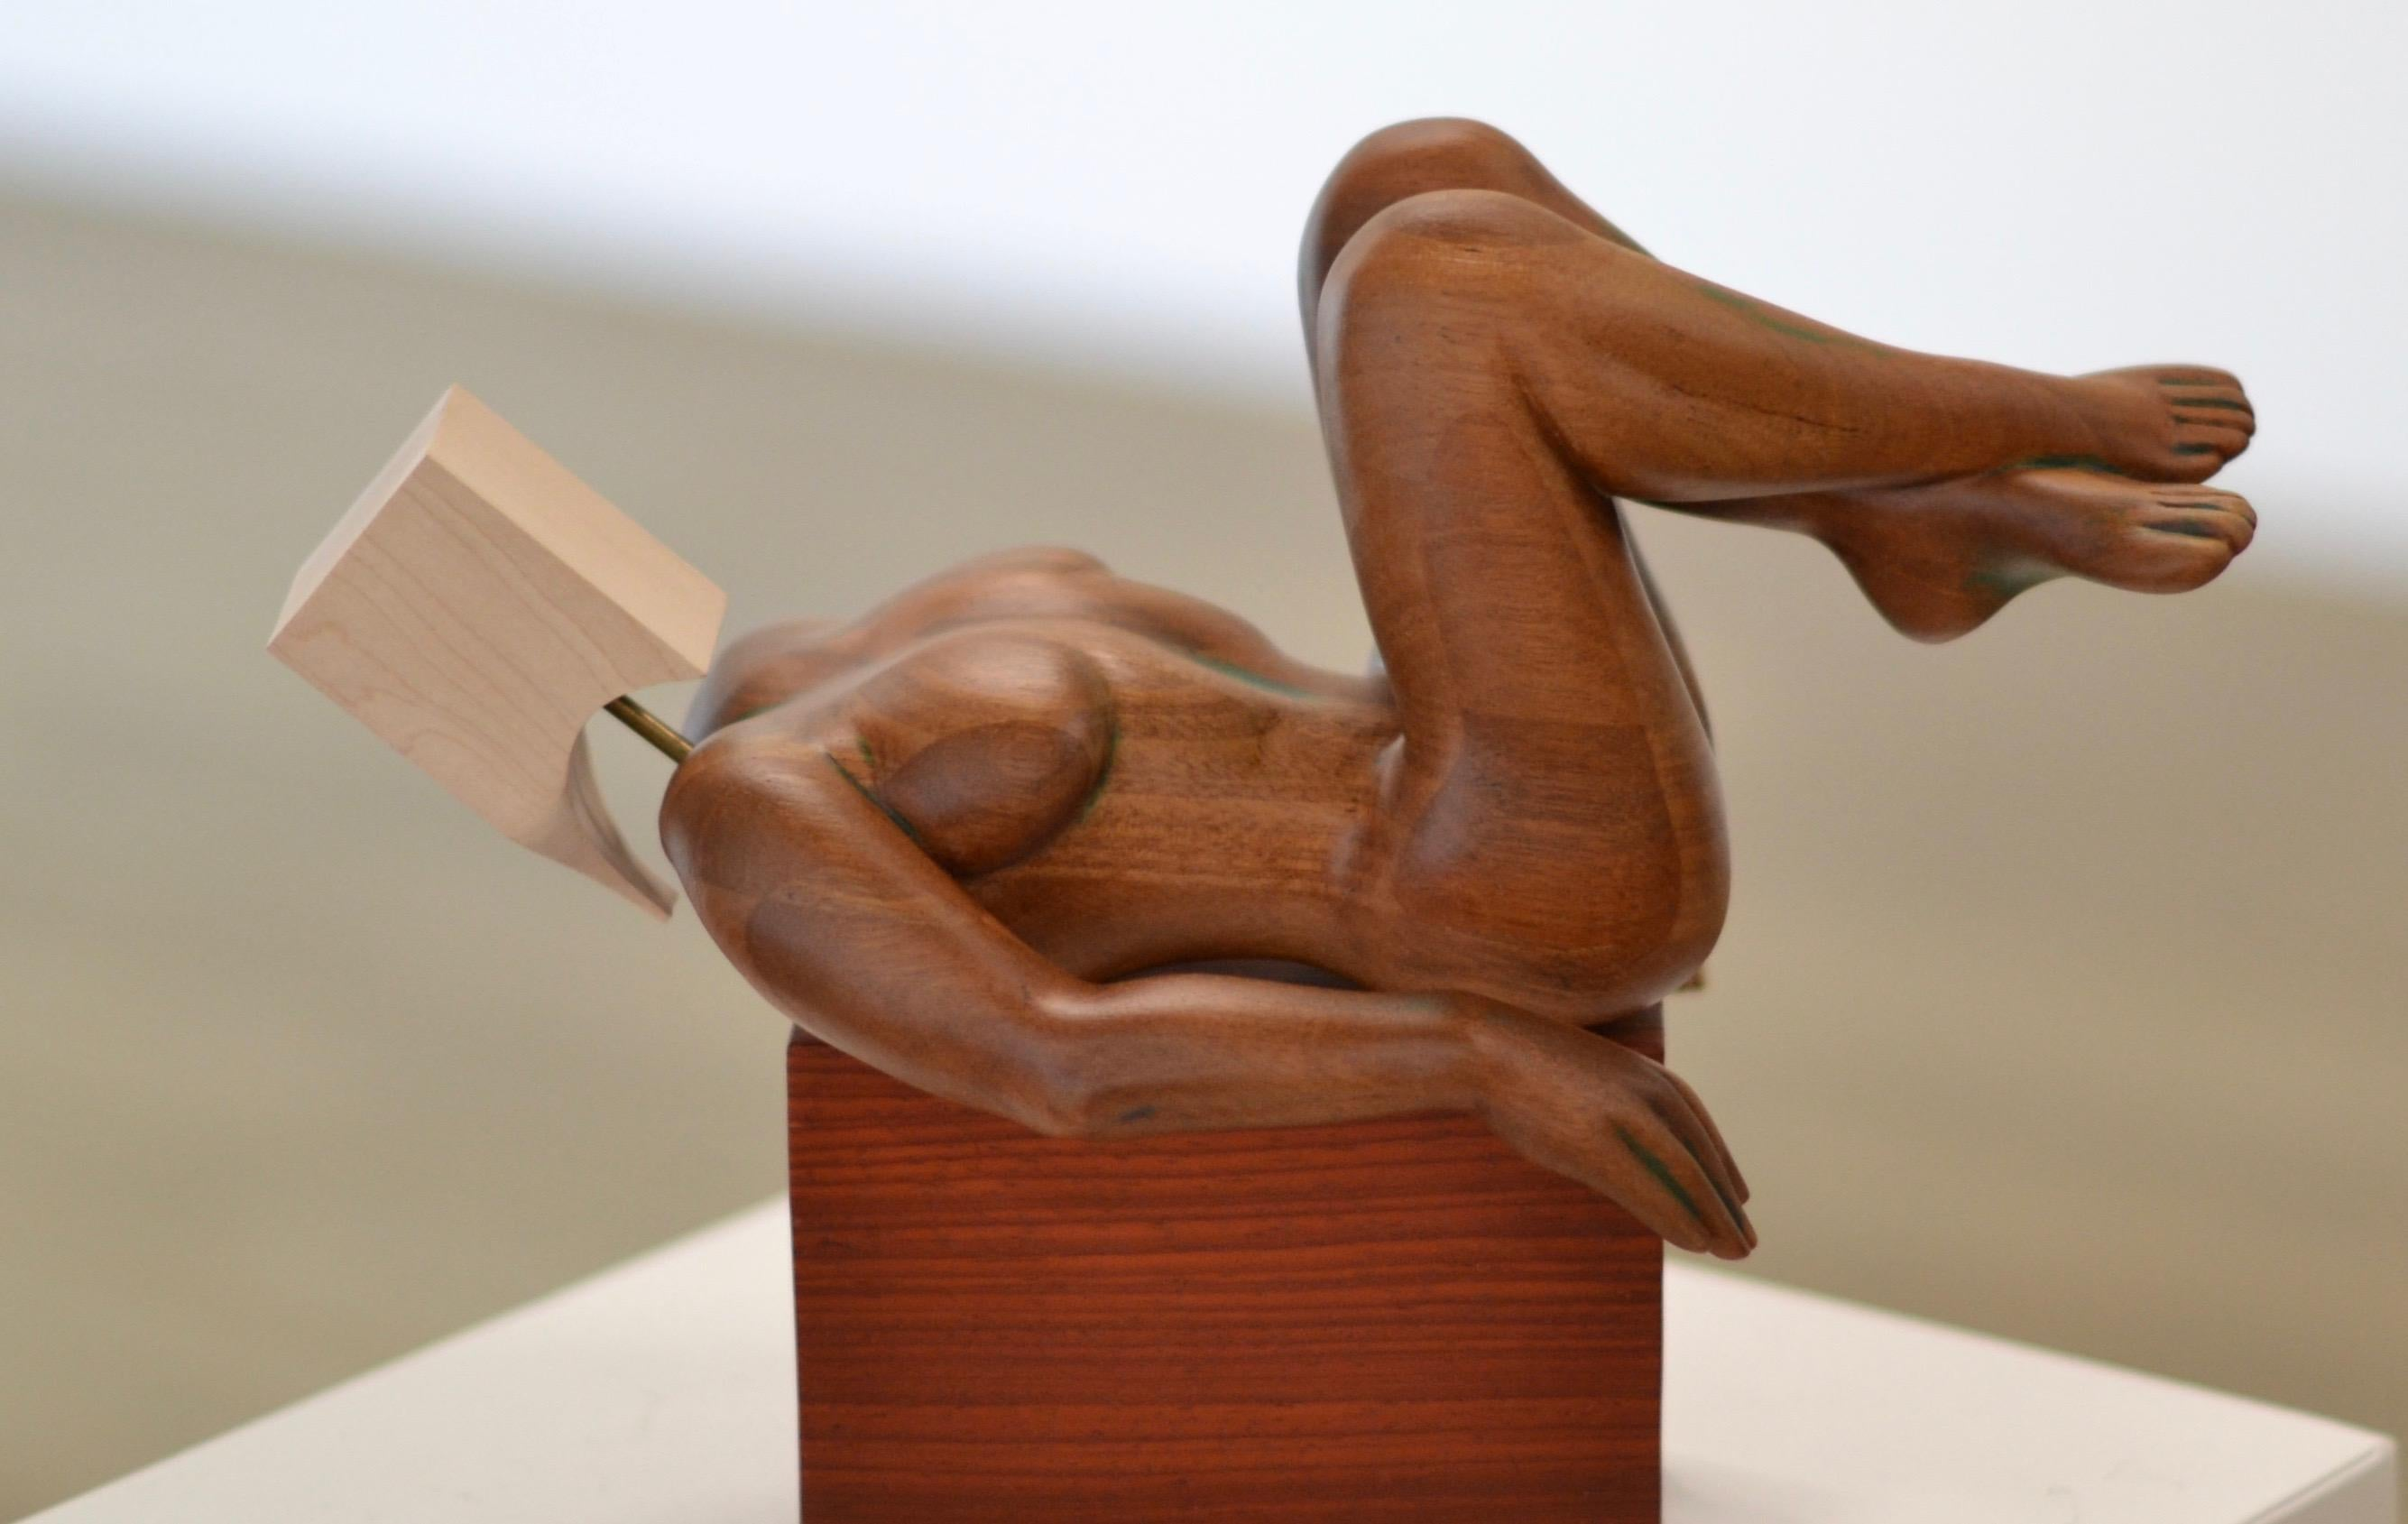 Catatonian Virgin - Jos de Wit, 21st Century Contemporary, Eucalyptus Maple Wood